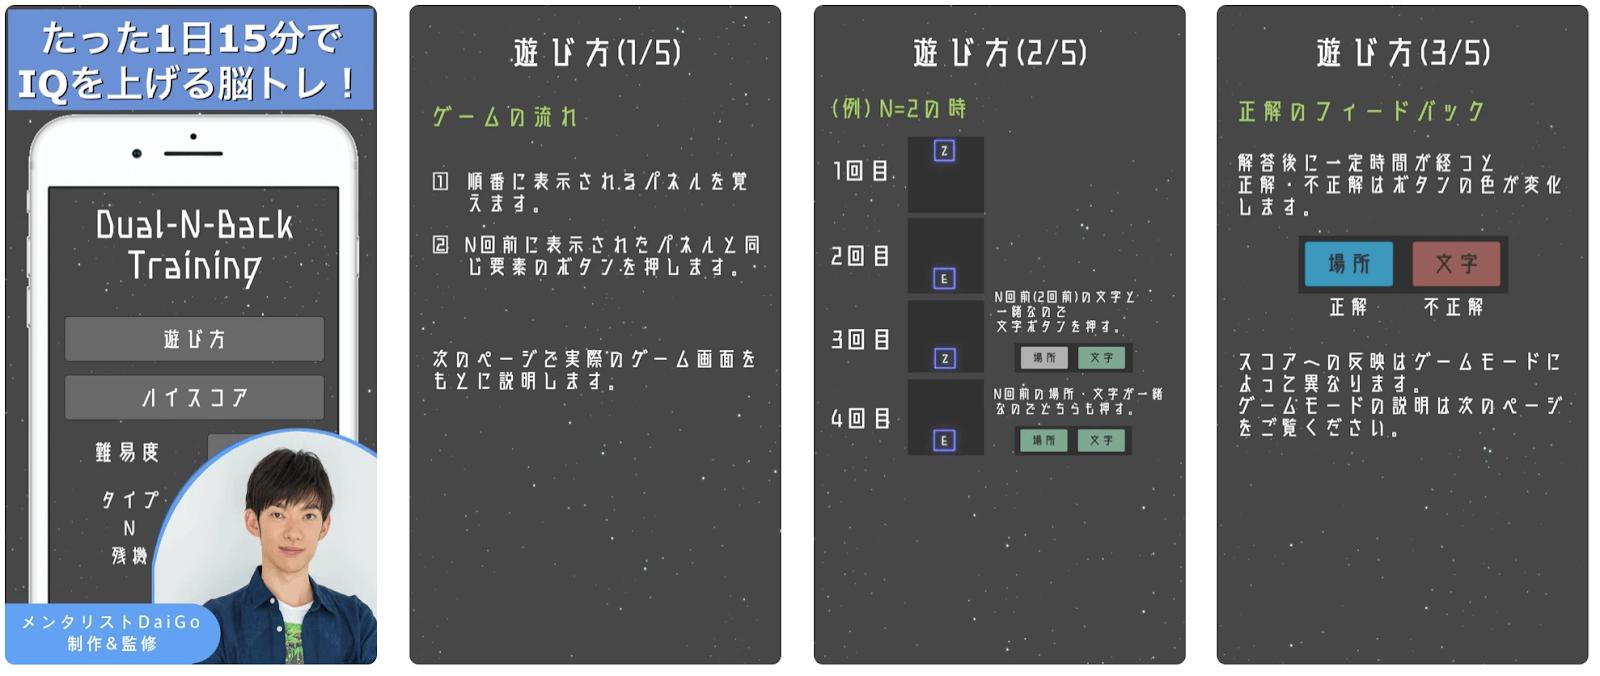 記憶ゲームアプリ DNPトレーニング